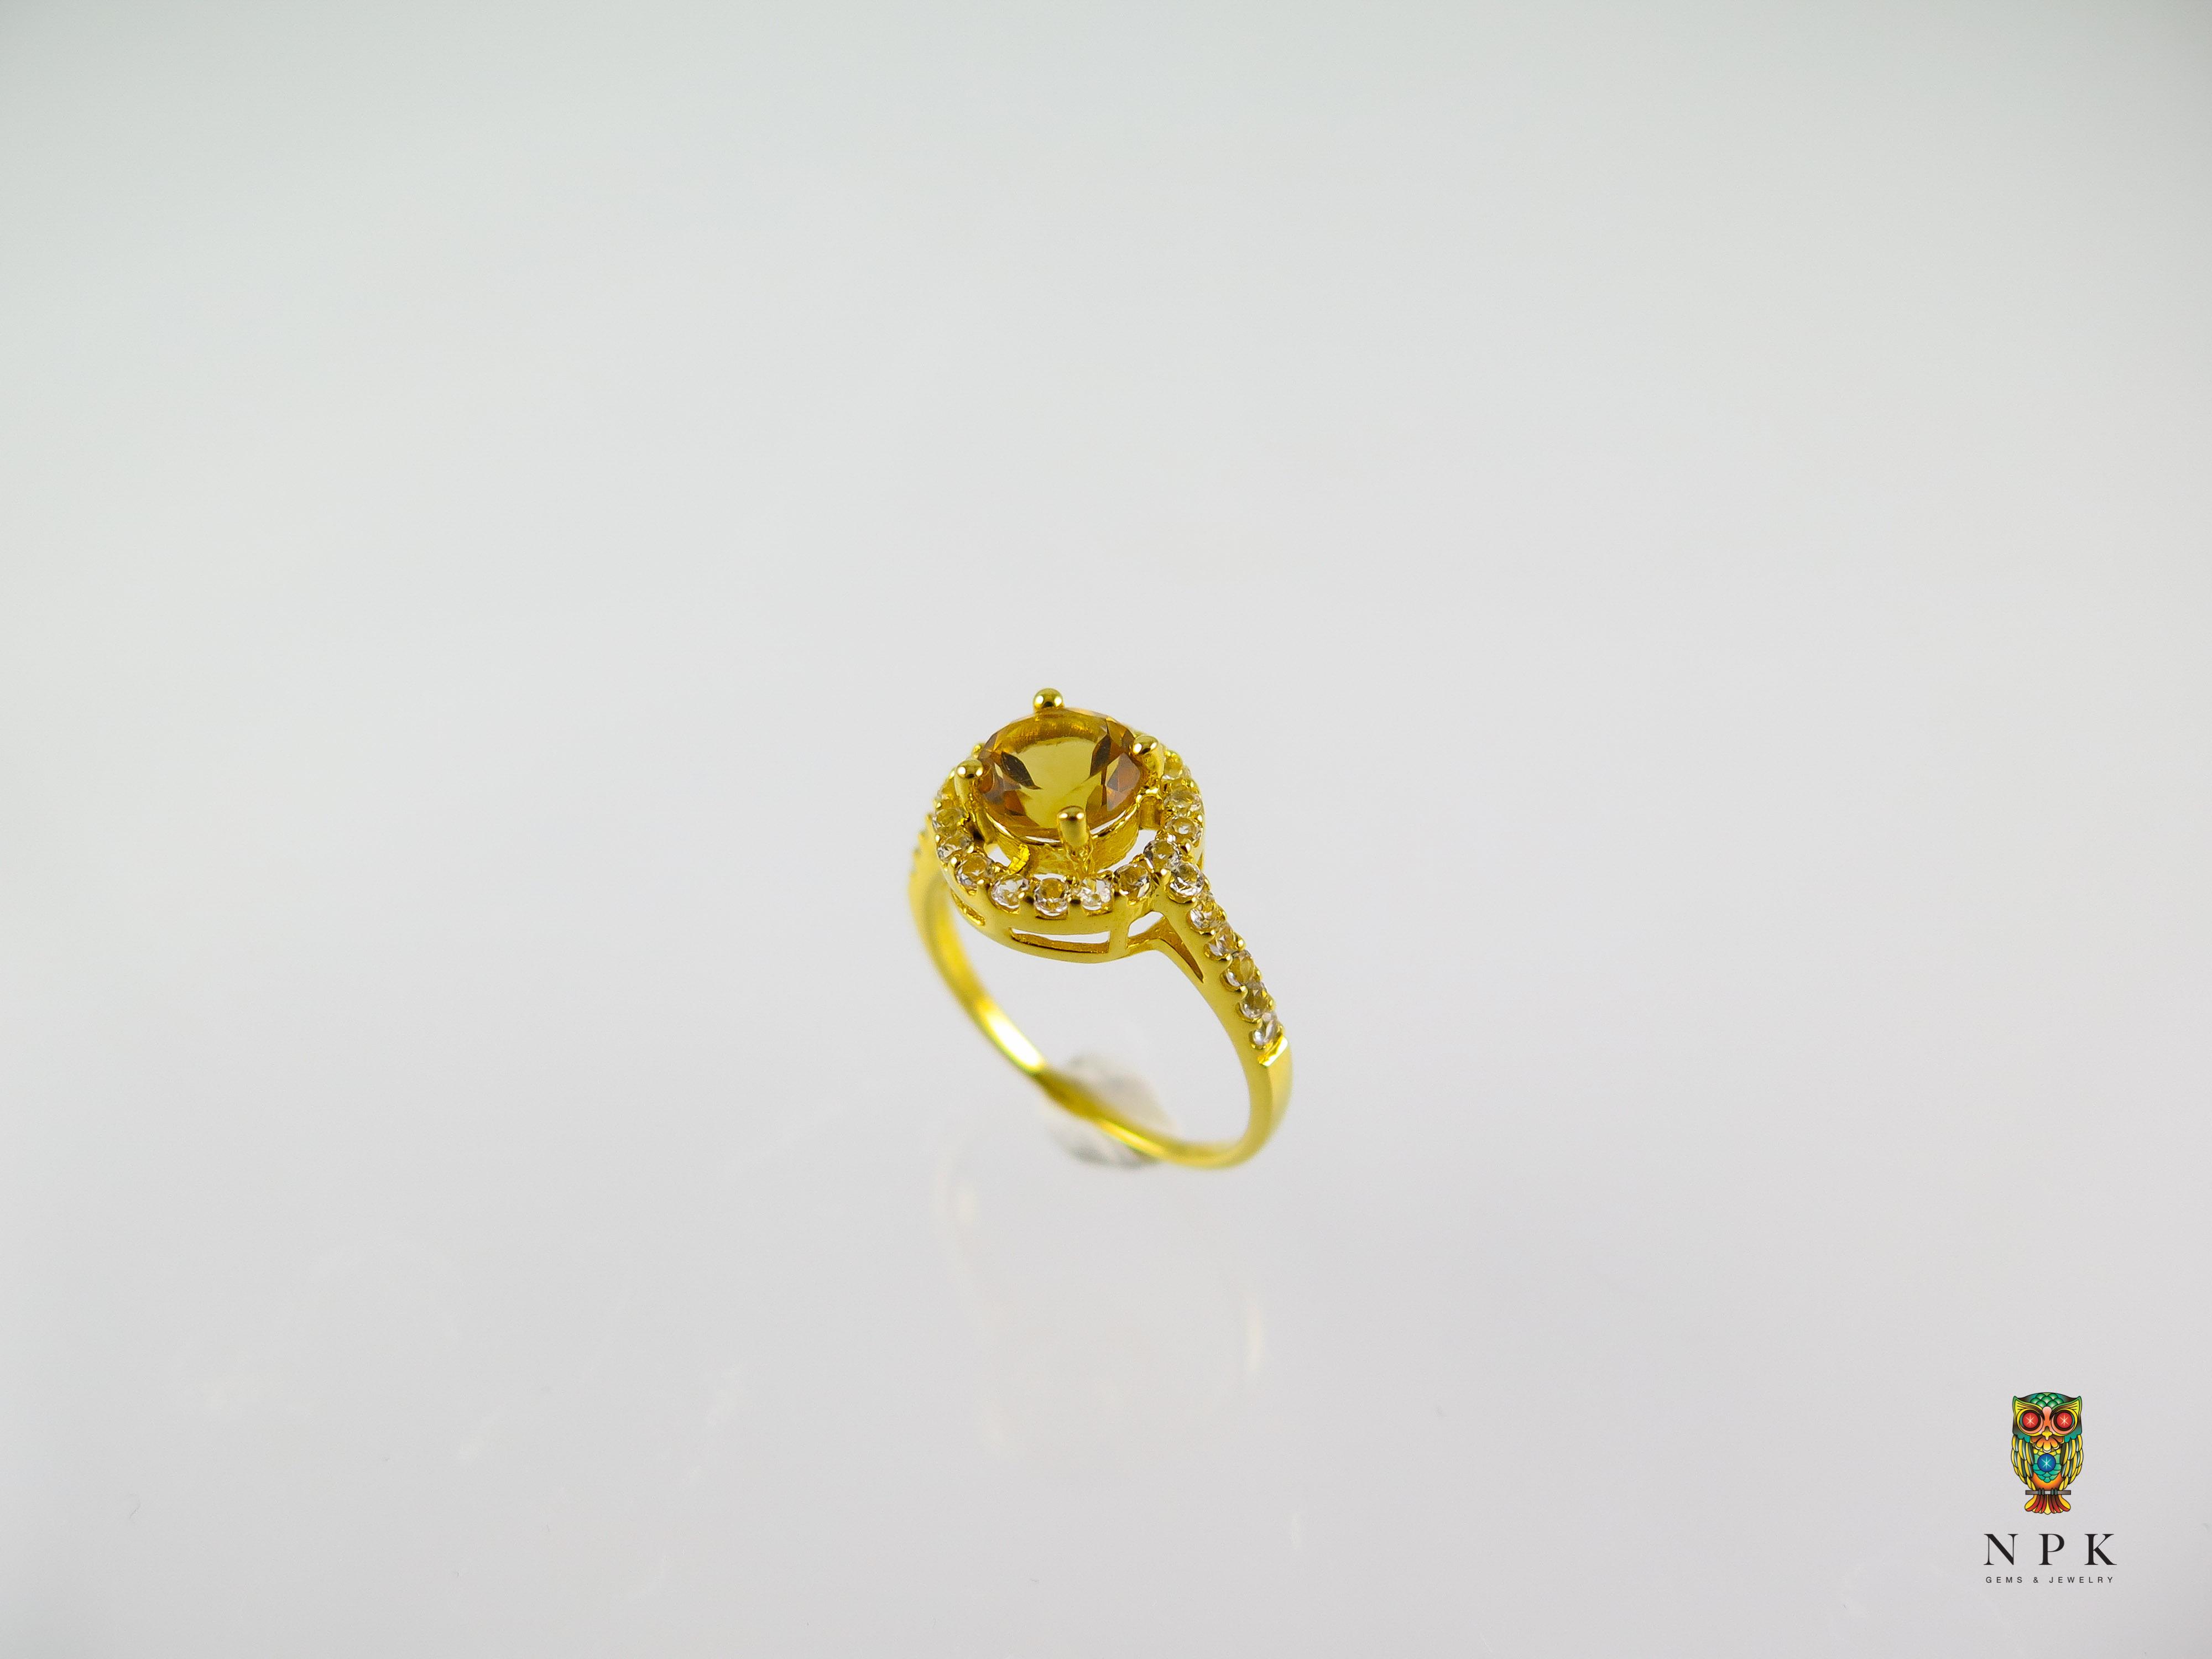 แหวนพลอยซิทรีนล้อมด้วยไวท์โทปาซ (Citrine silver ring with white topaz)